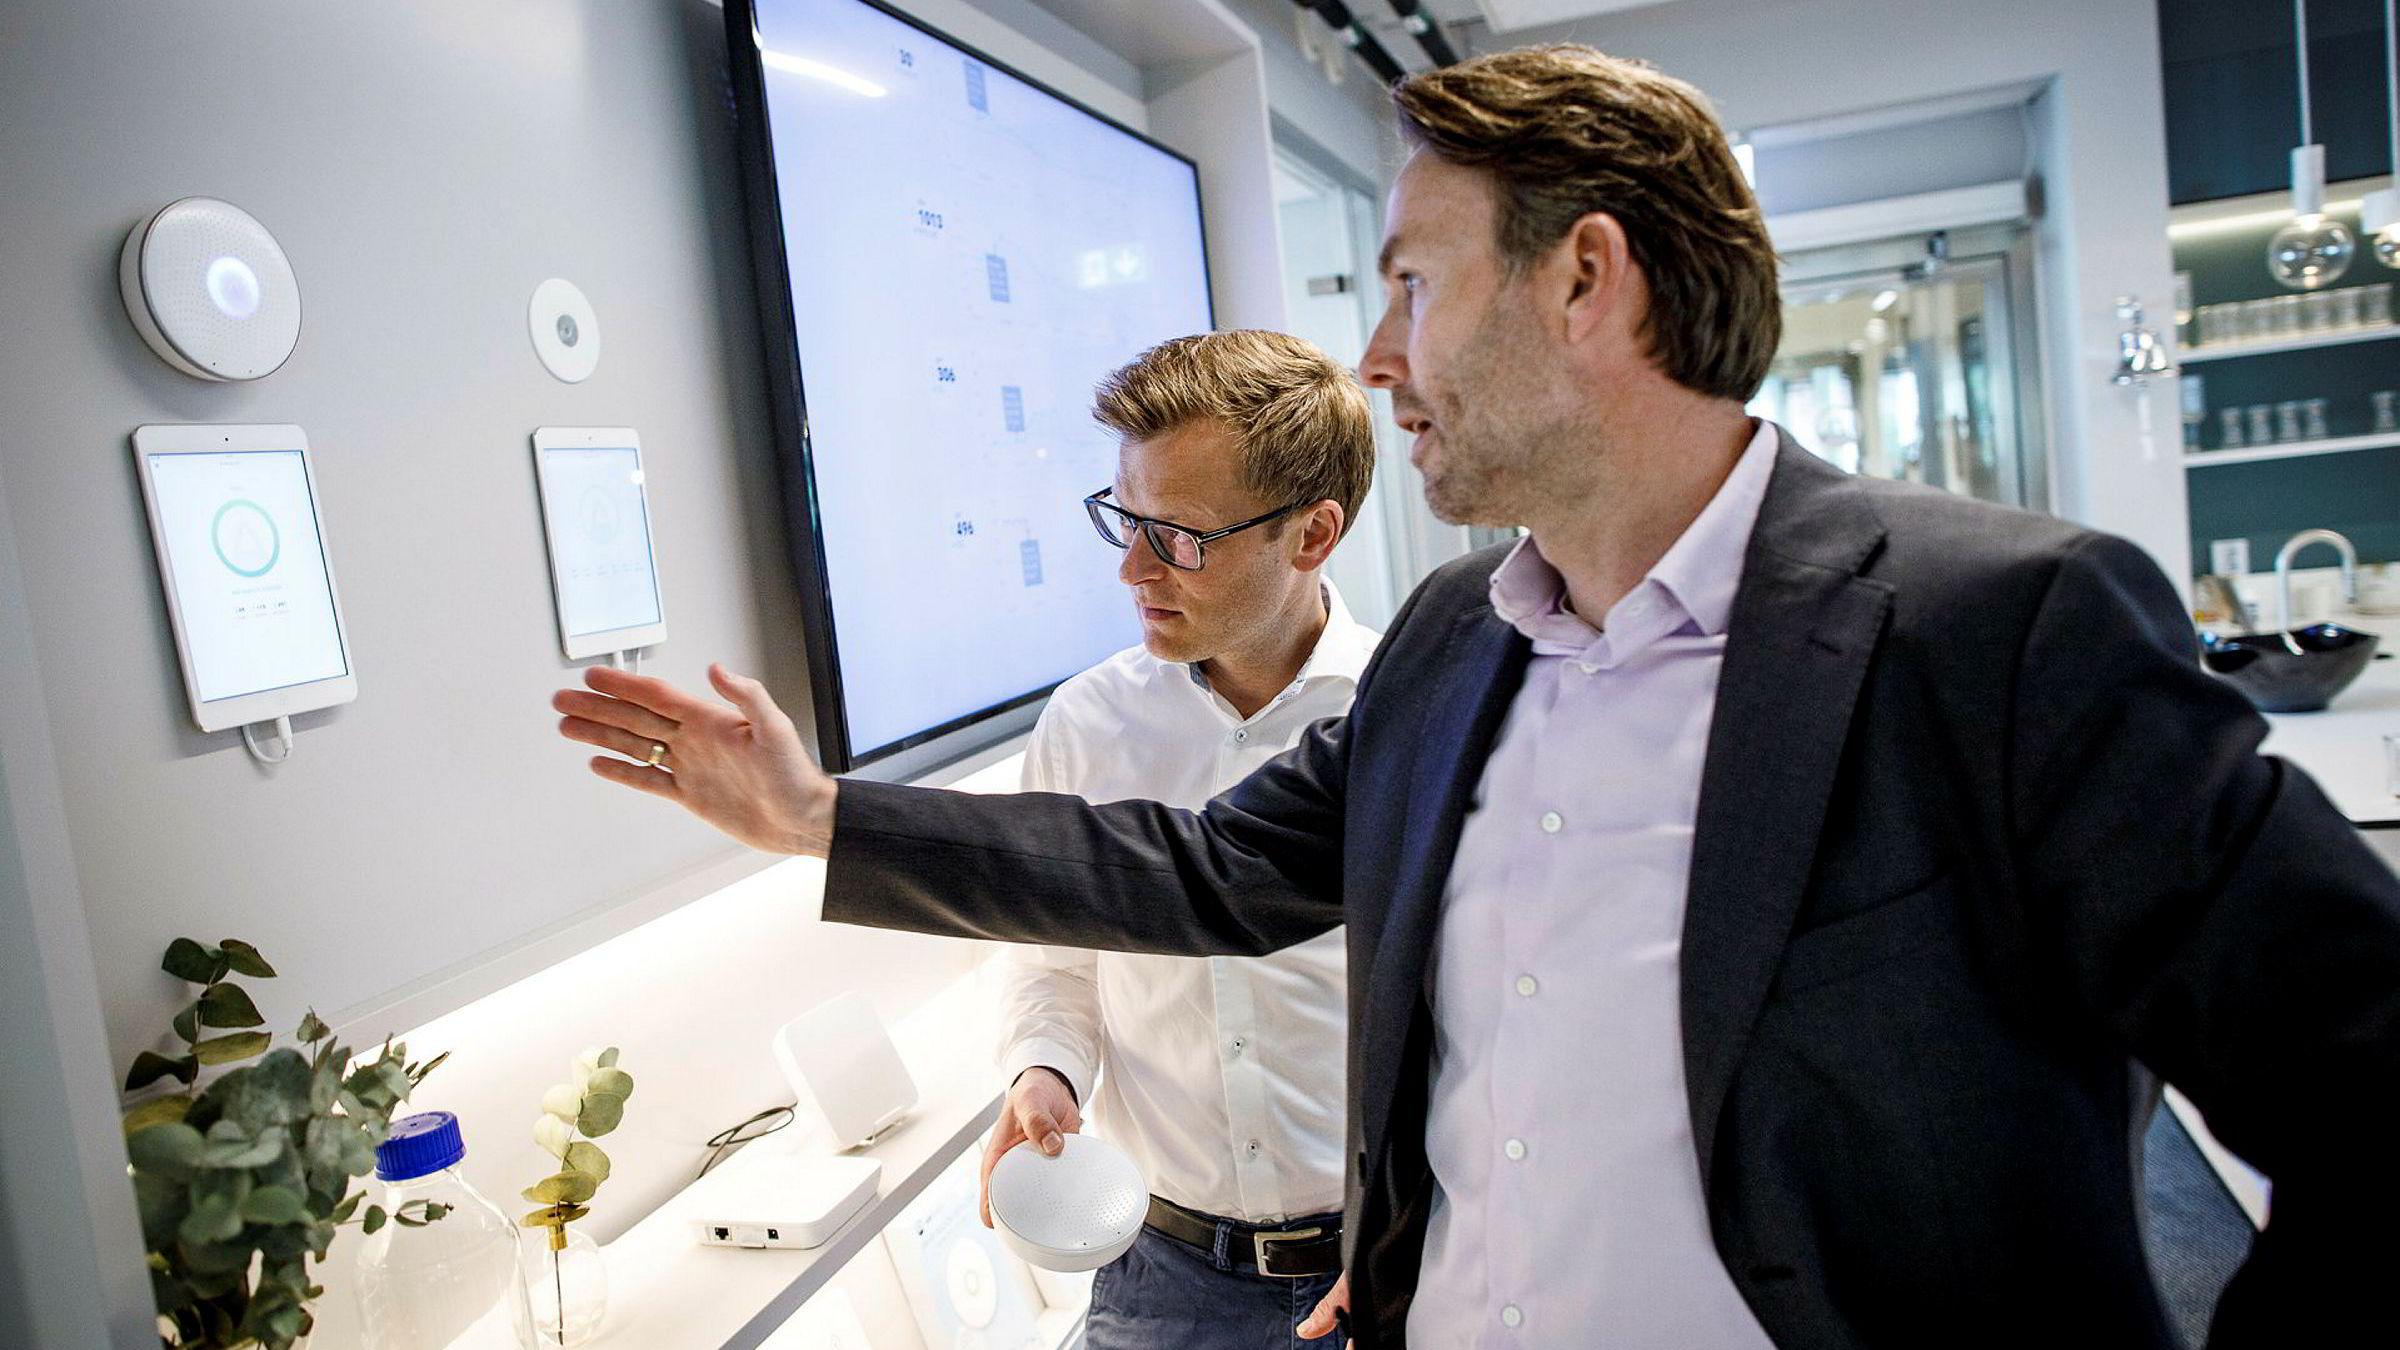 Teknologisjef Erlend Bolle (til venstre) i Airthings utvikler nye luftkvalitetsmålere som skal få mobiltilkobling ved hjelp av Com4. De valgte Stein Andre Larners selskap Com4 både på grunn av internasjonale mobilavtaler, og for deres ekspertise og hjelp til å prøve ut produktet.